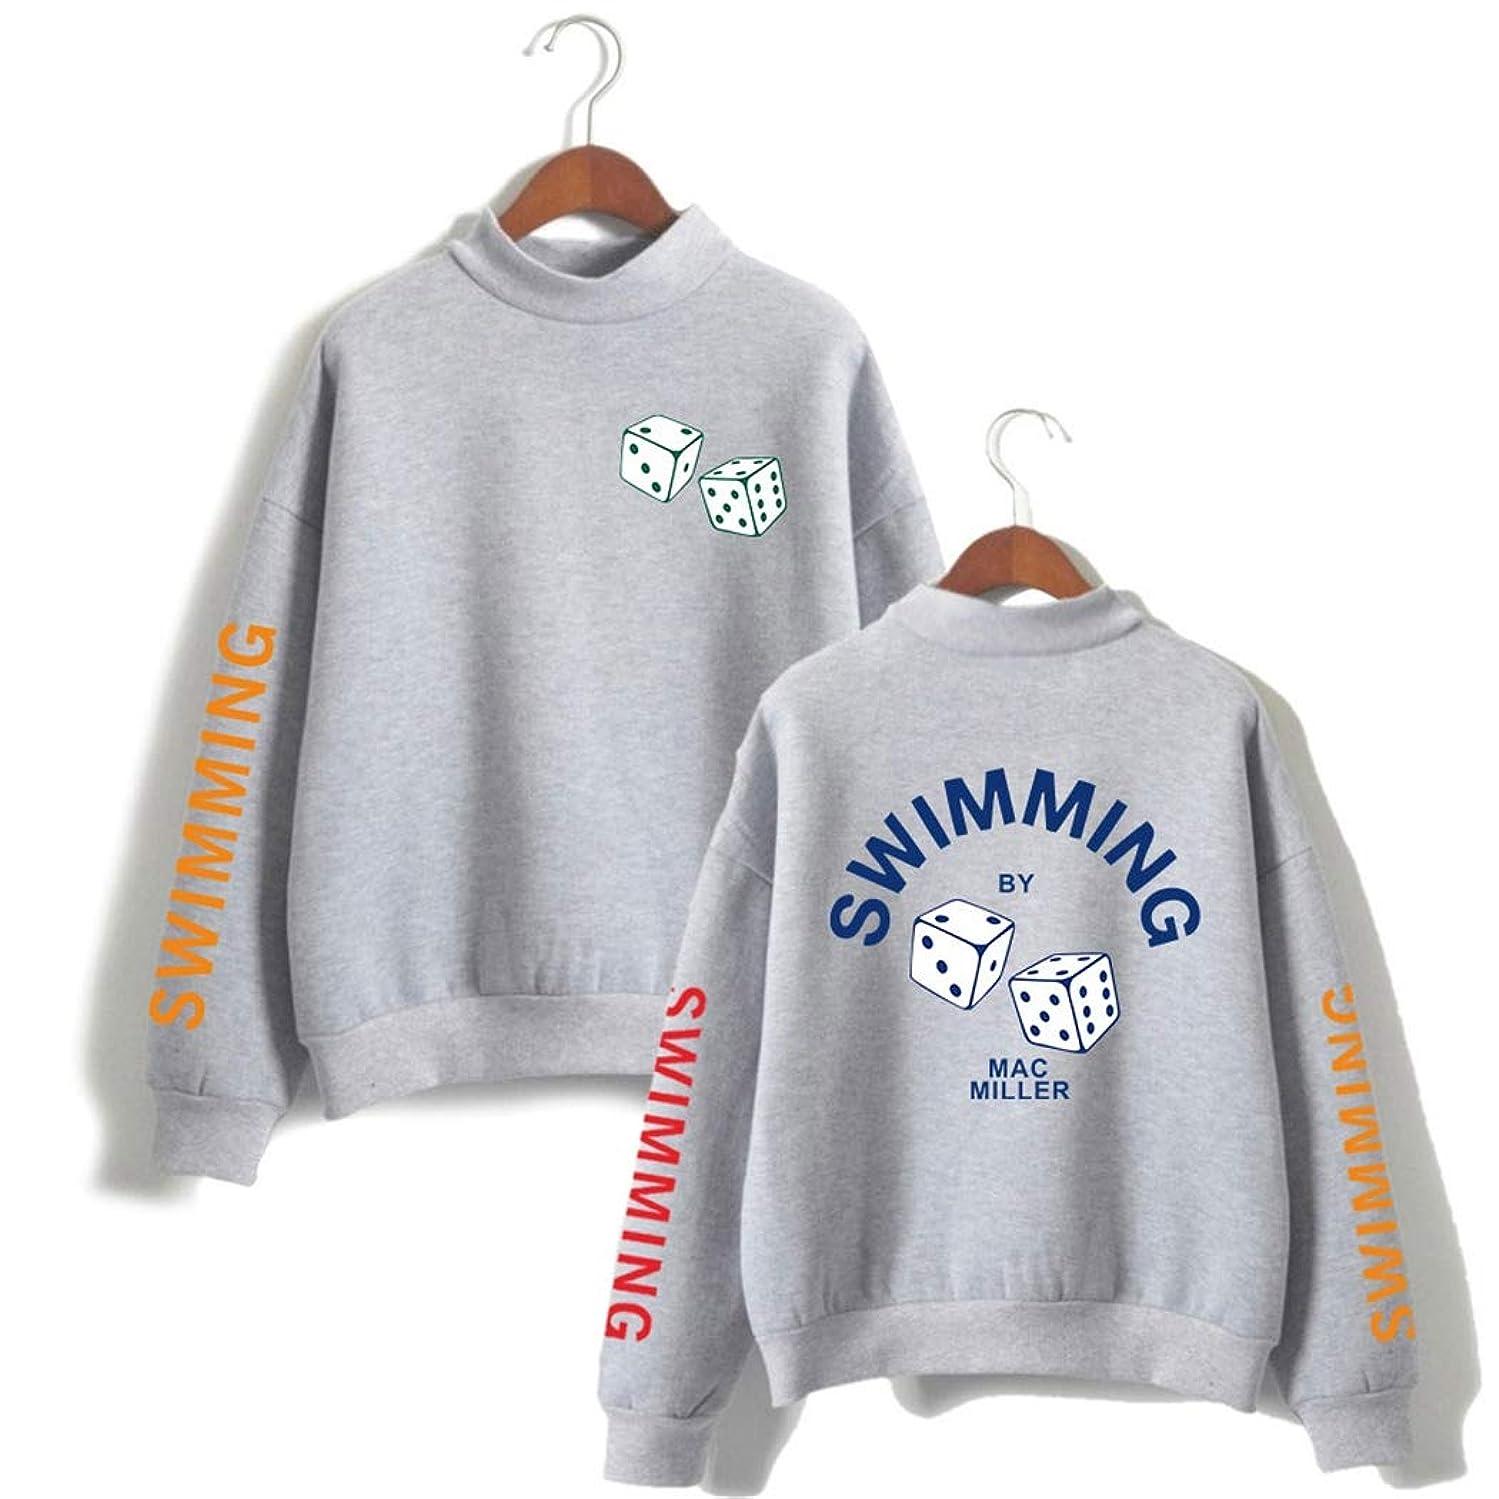 Zipong Hoodies Sweatshirt Men Women Album Print Pullovers Men Hoodies Cool Clothes L Gray